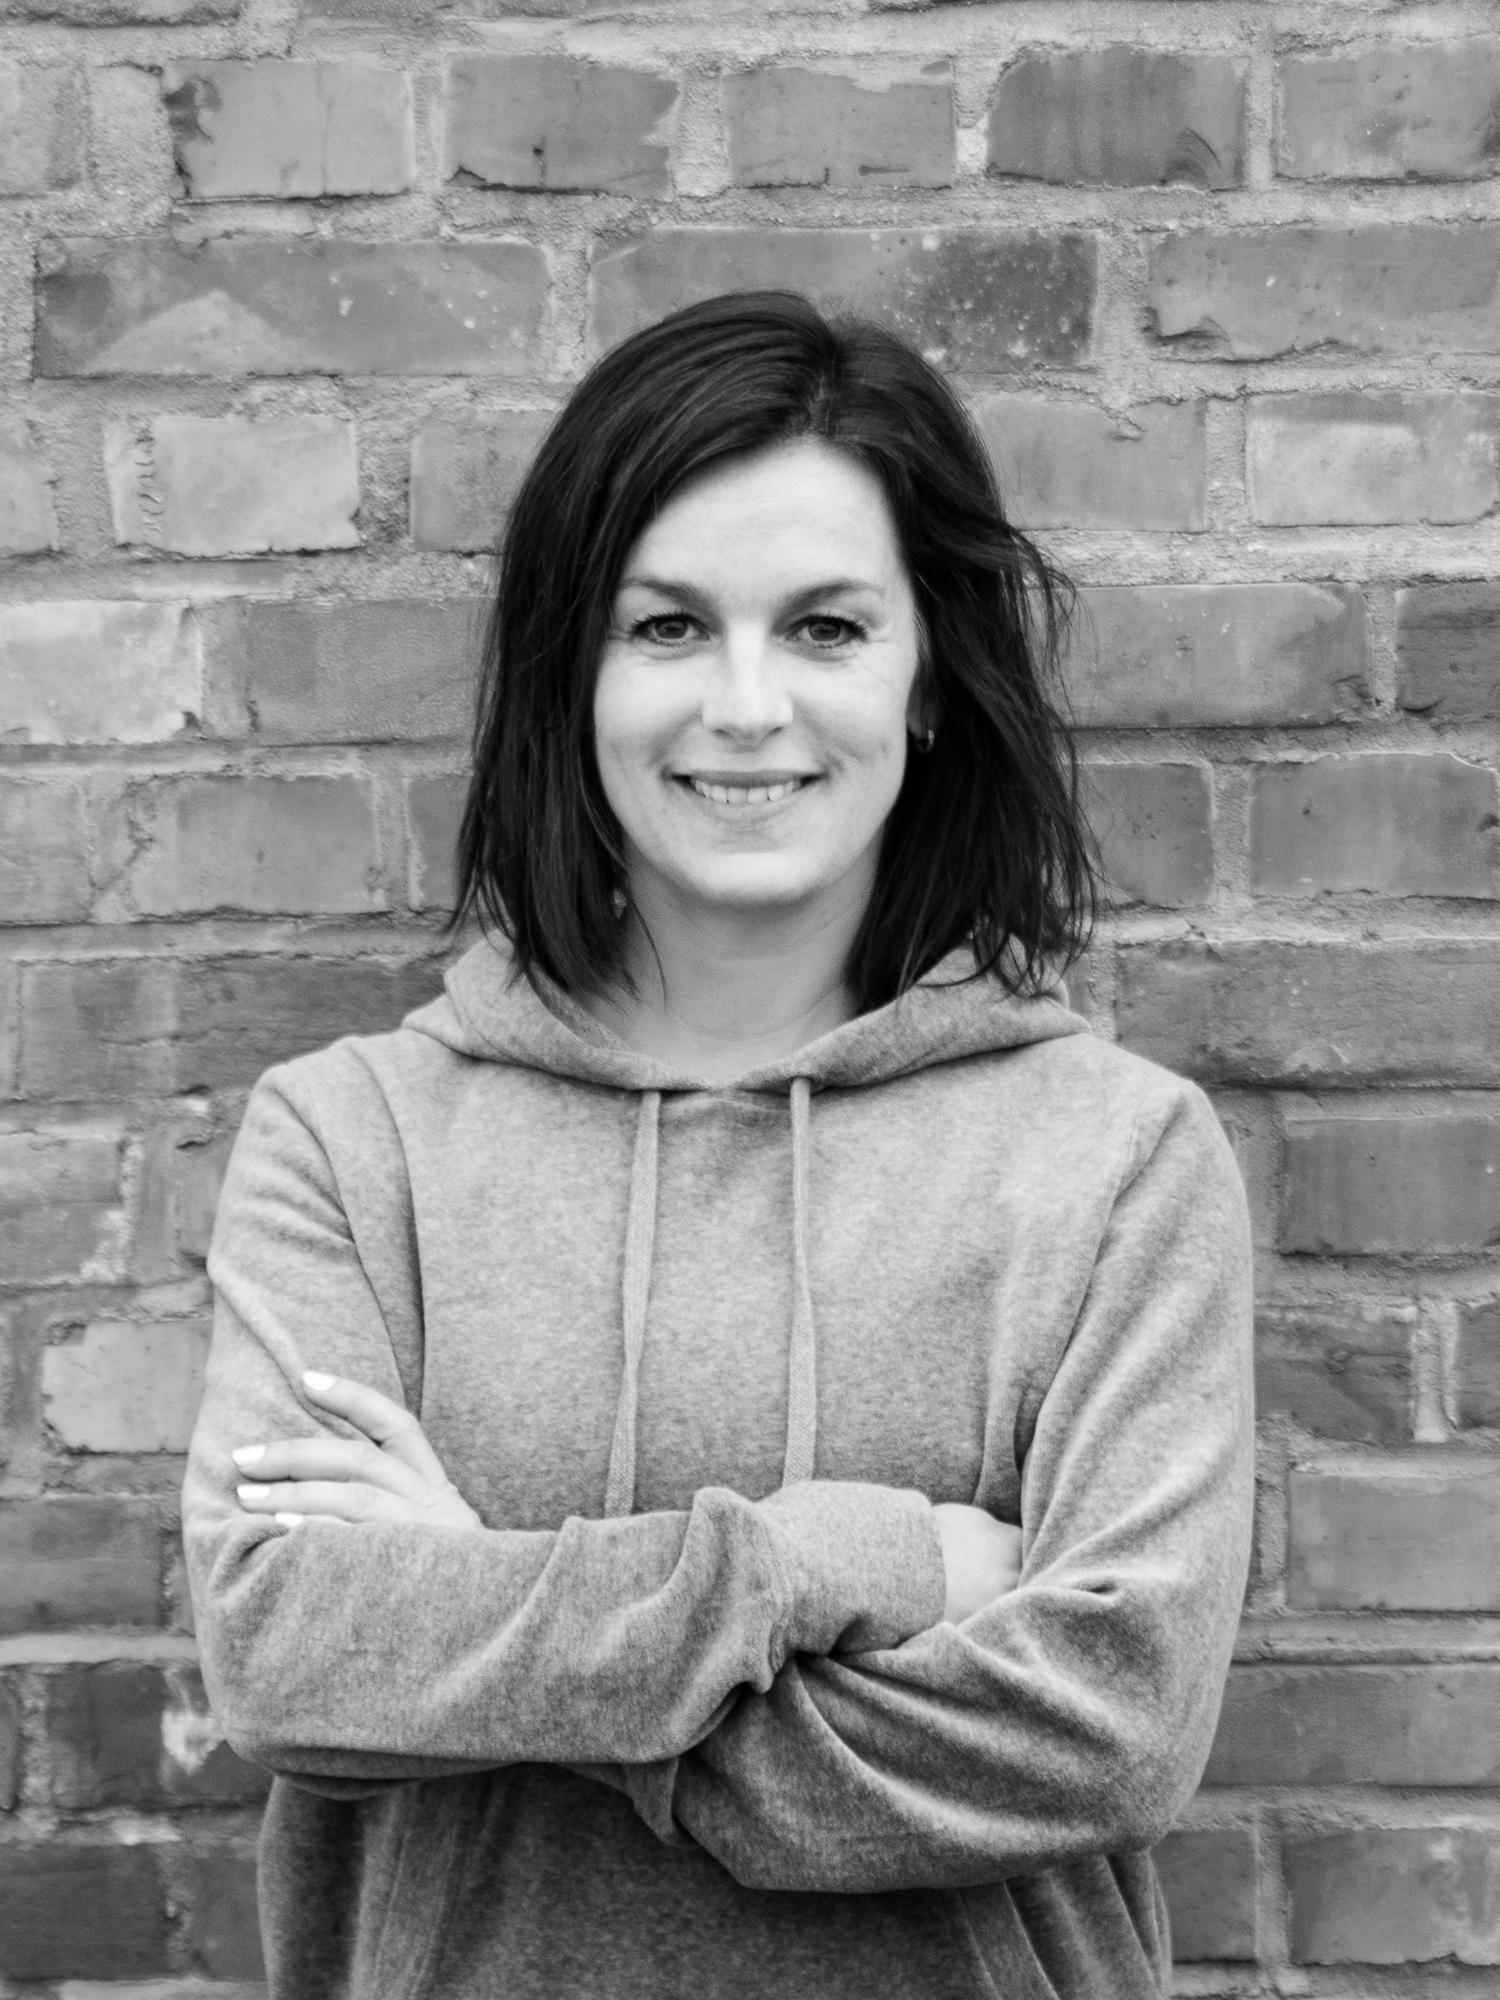 Katarina Bozic ny leder for jazzdansfordypningen